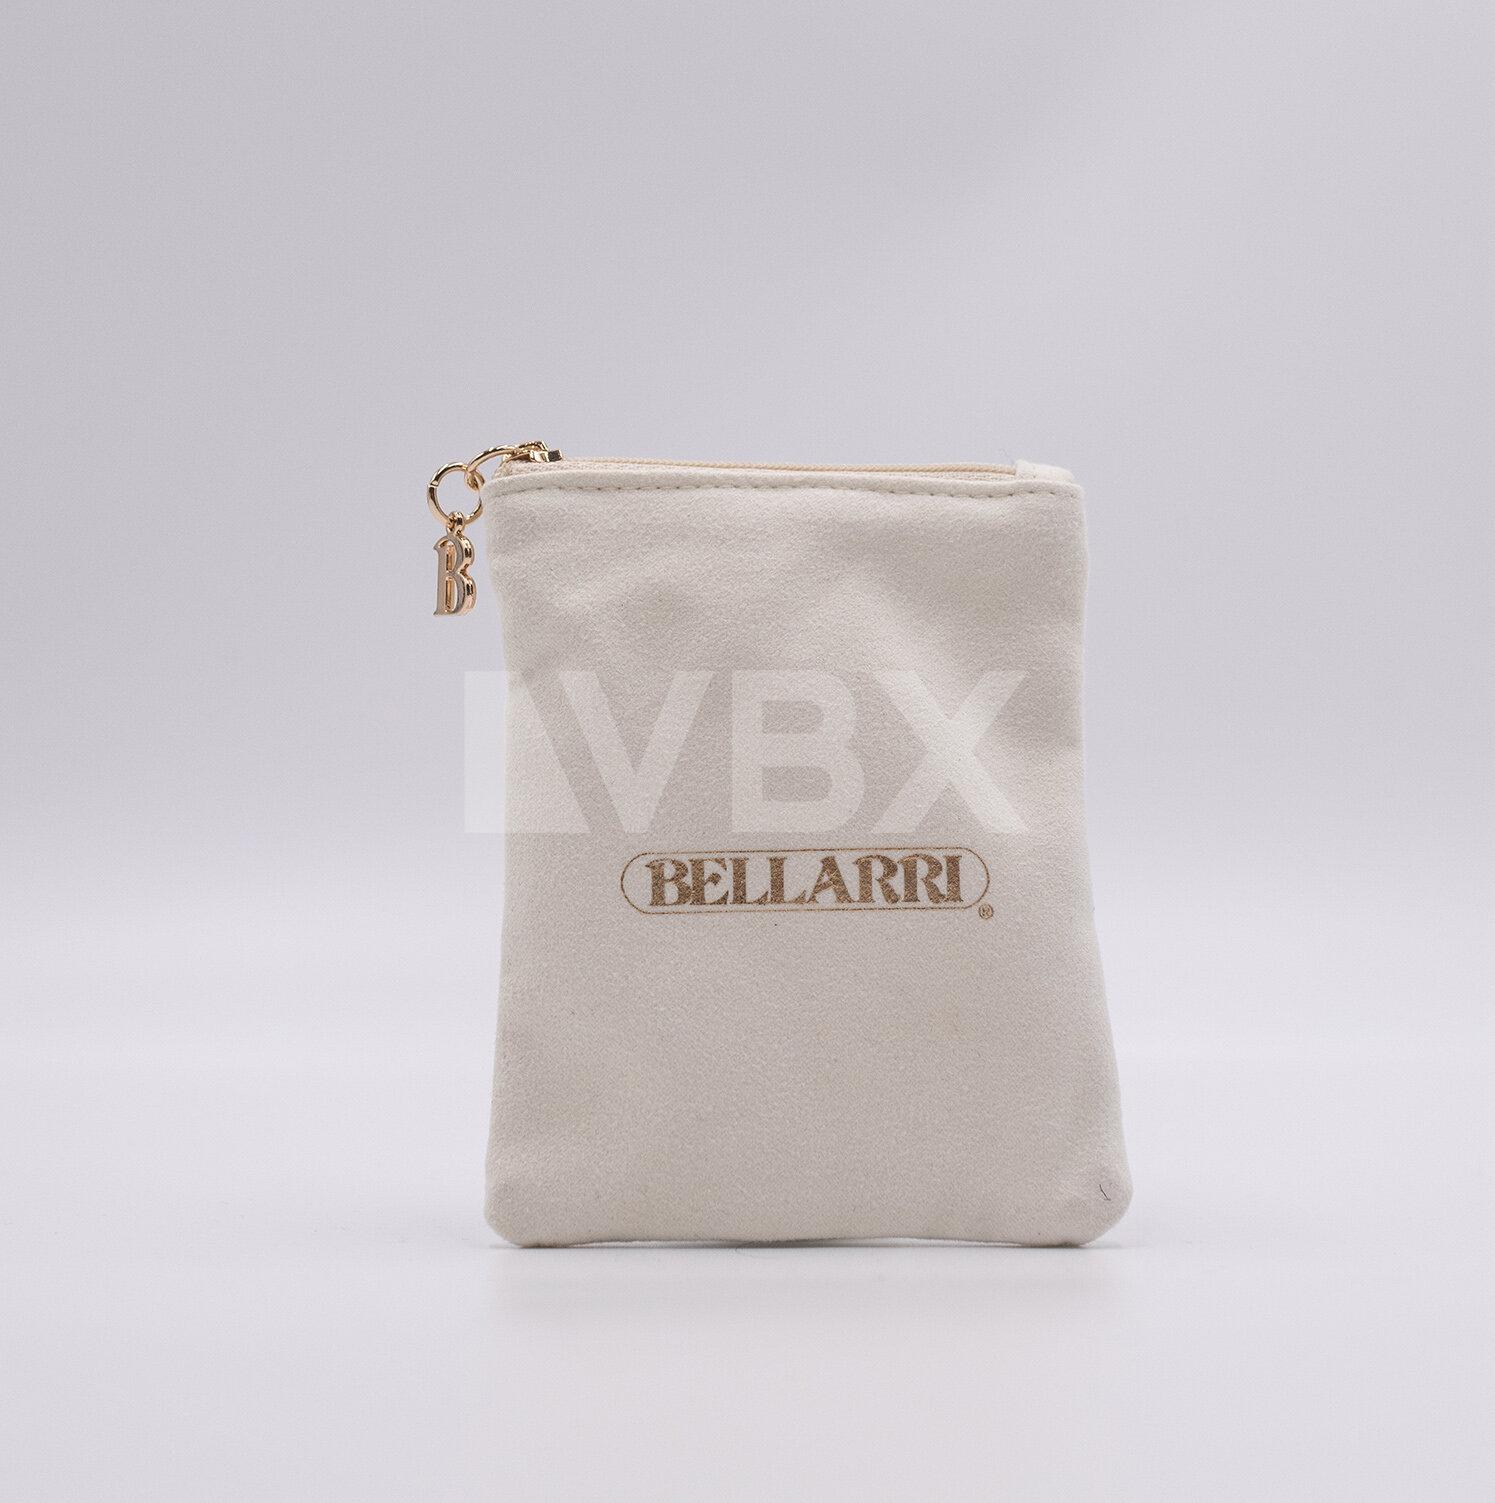 vbx12202020jpg-91.jpg.